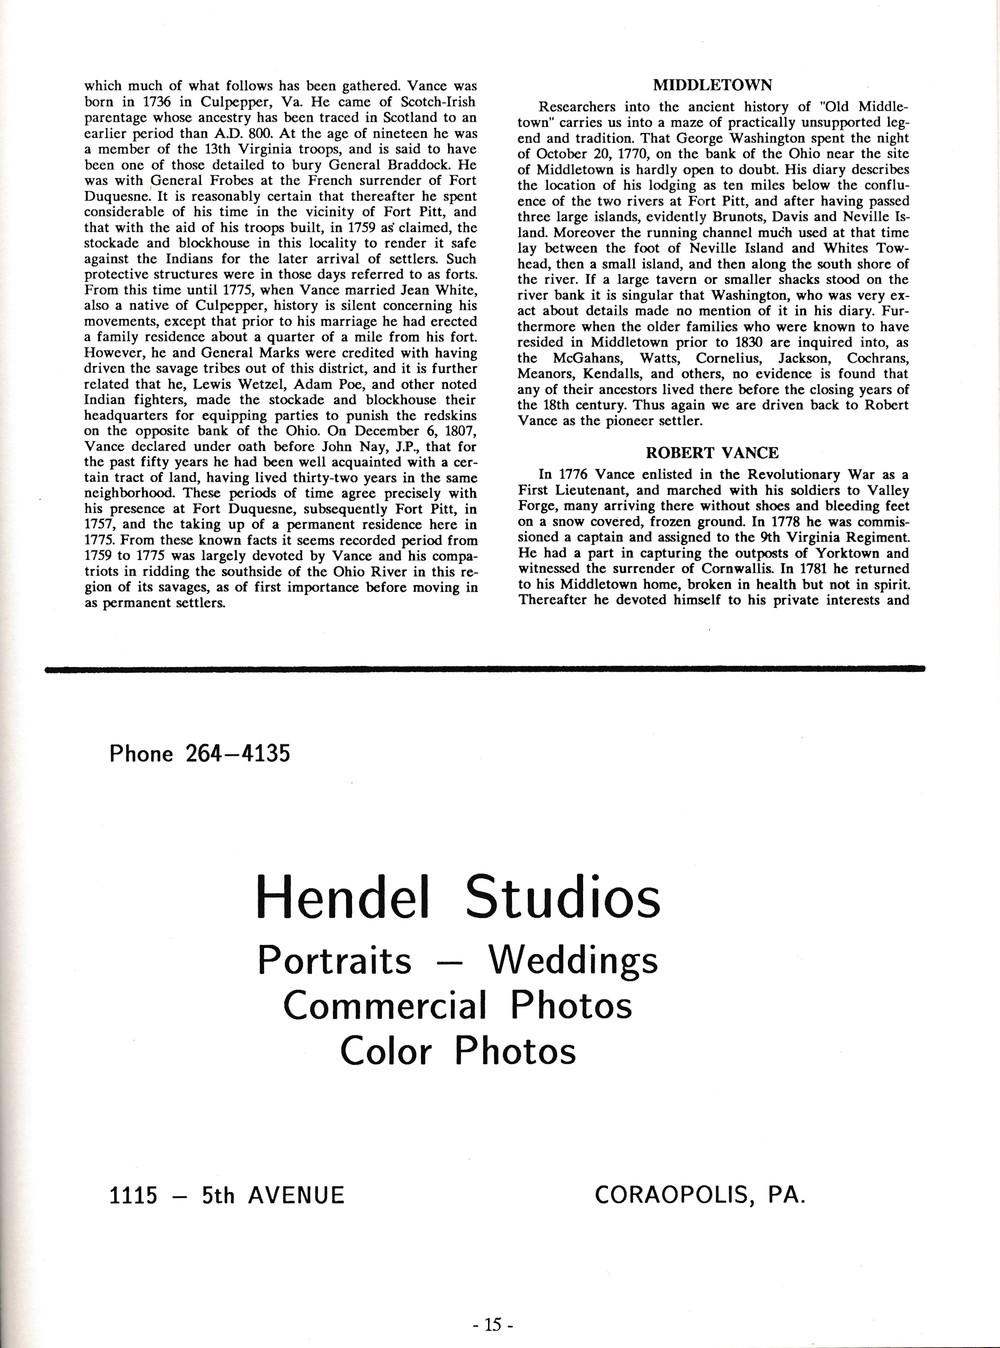 Coraopolis Centennial Booklet (17).jpg